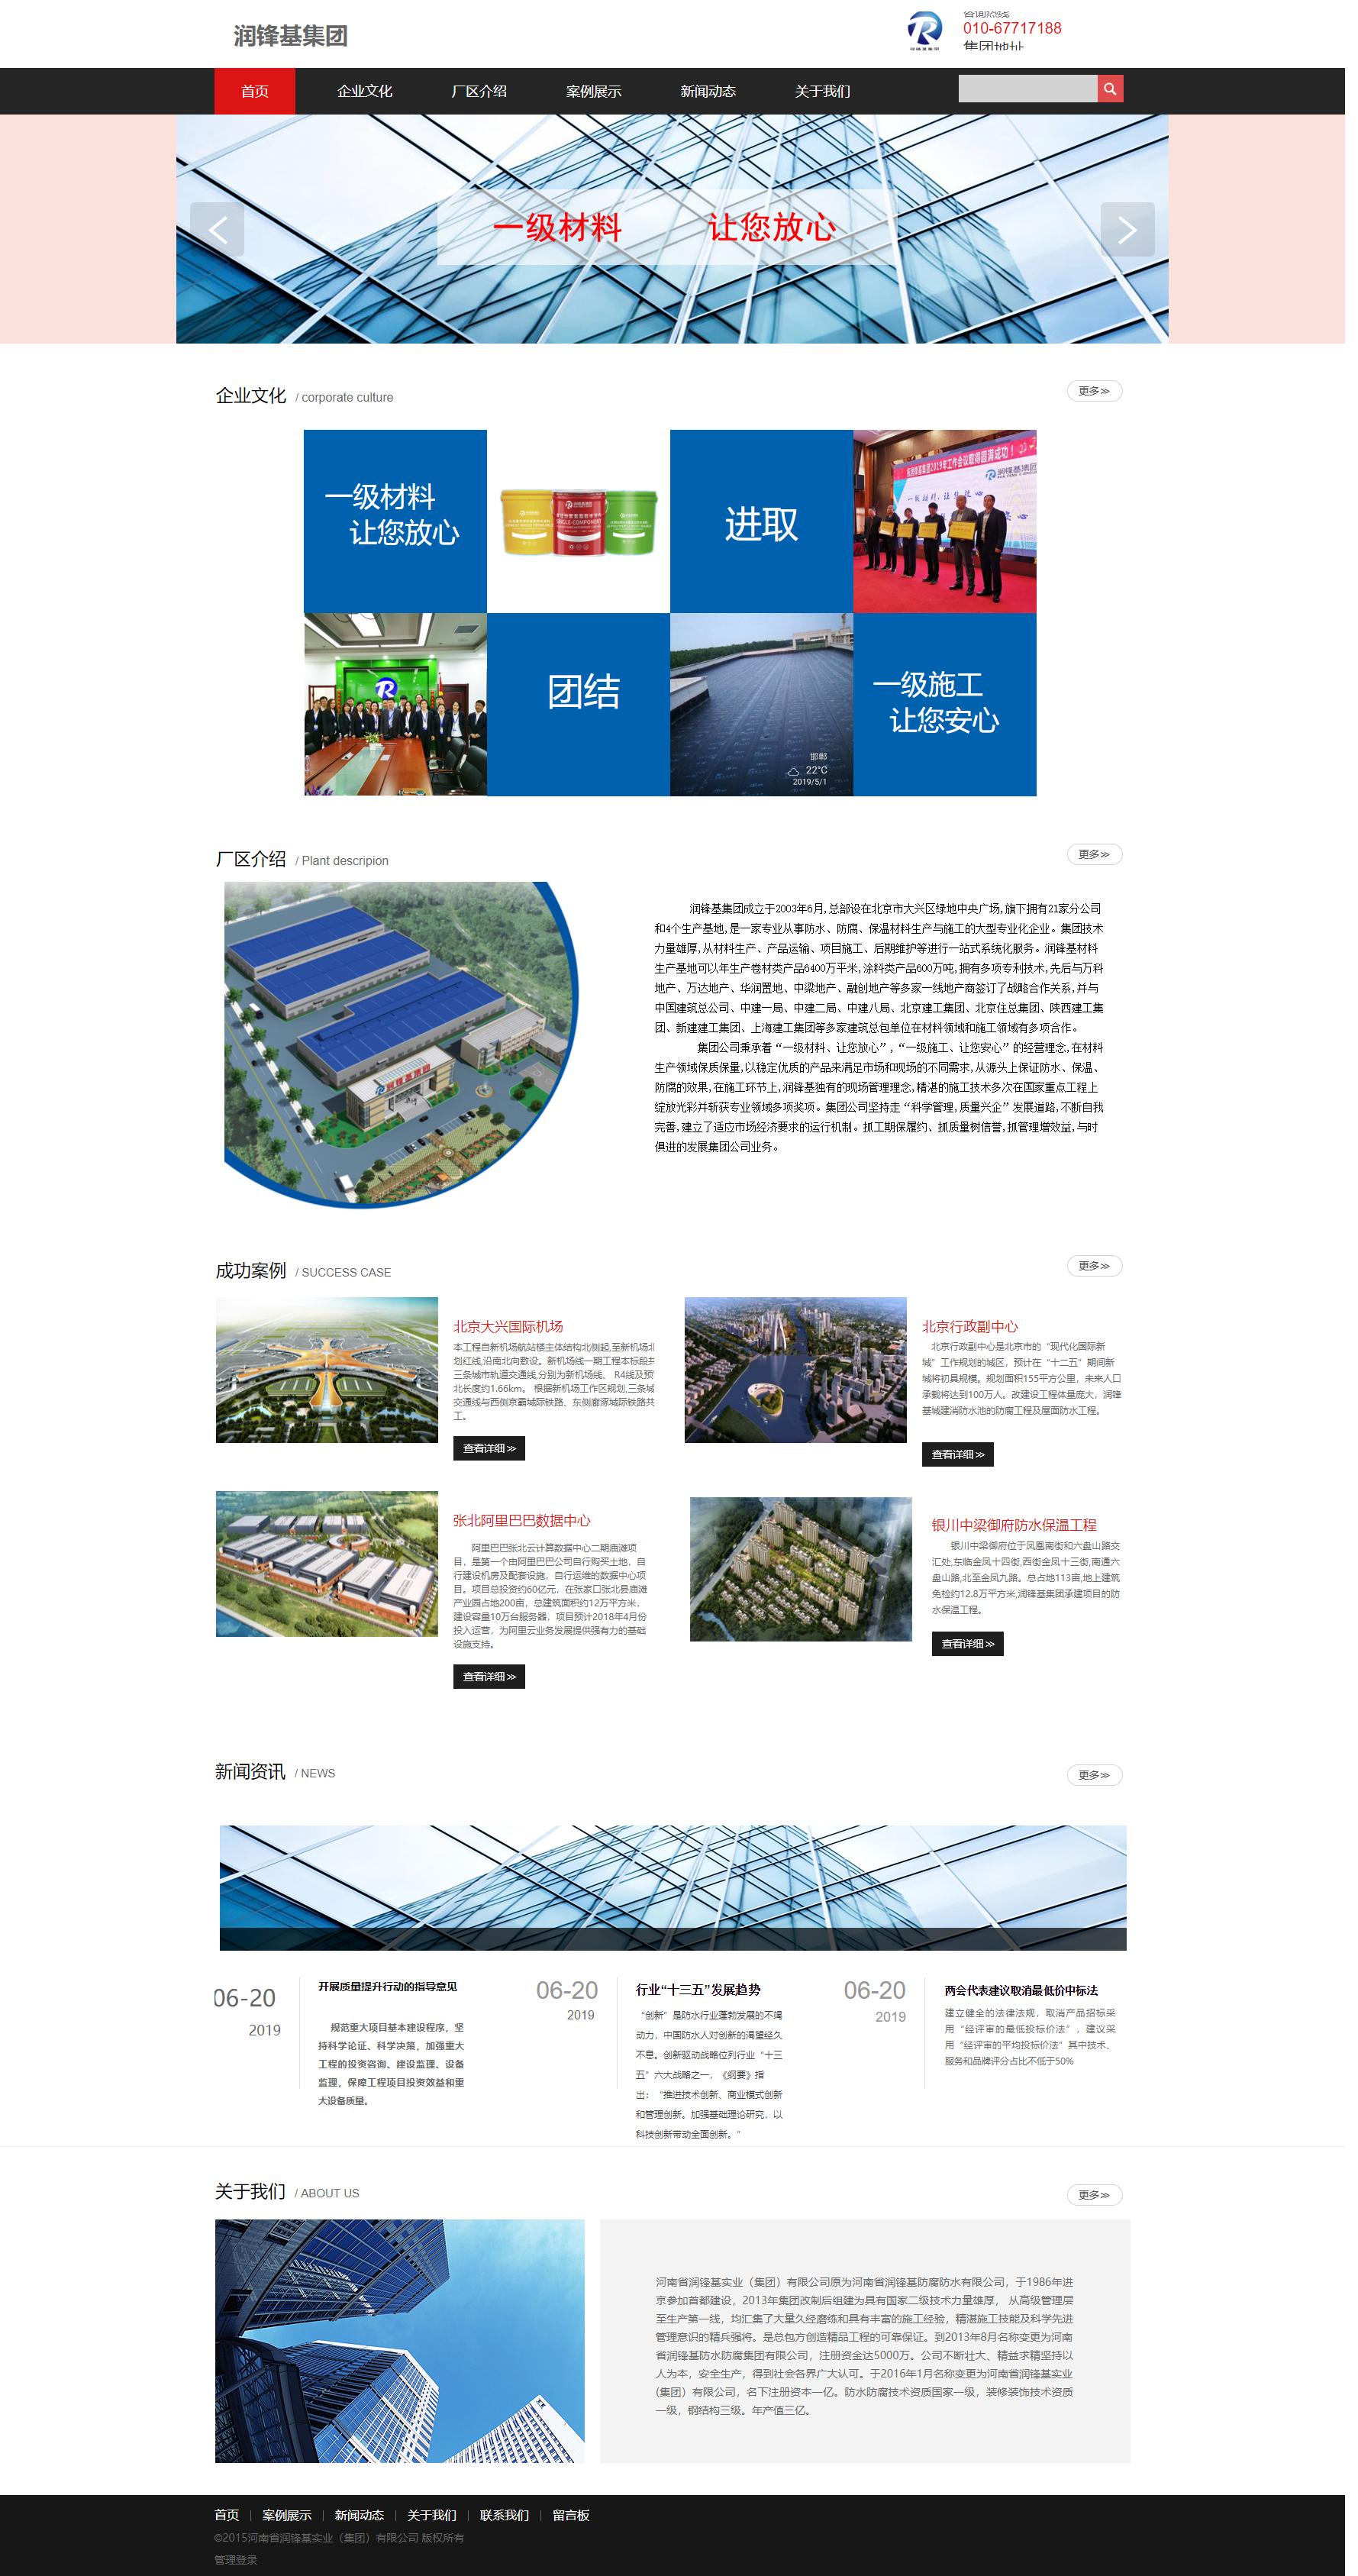 防腐防水材料网站建设案例